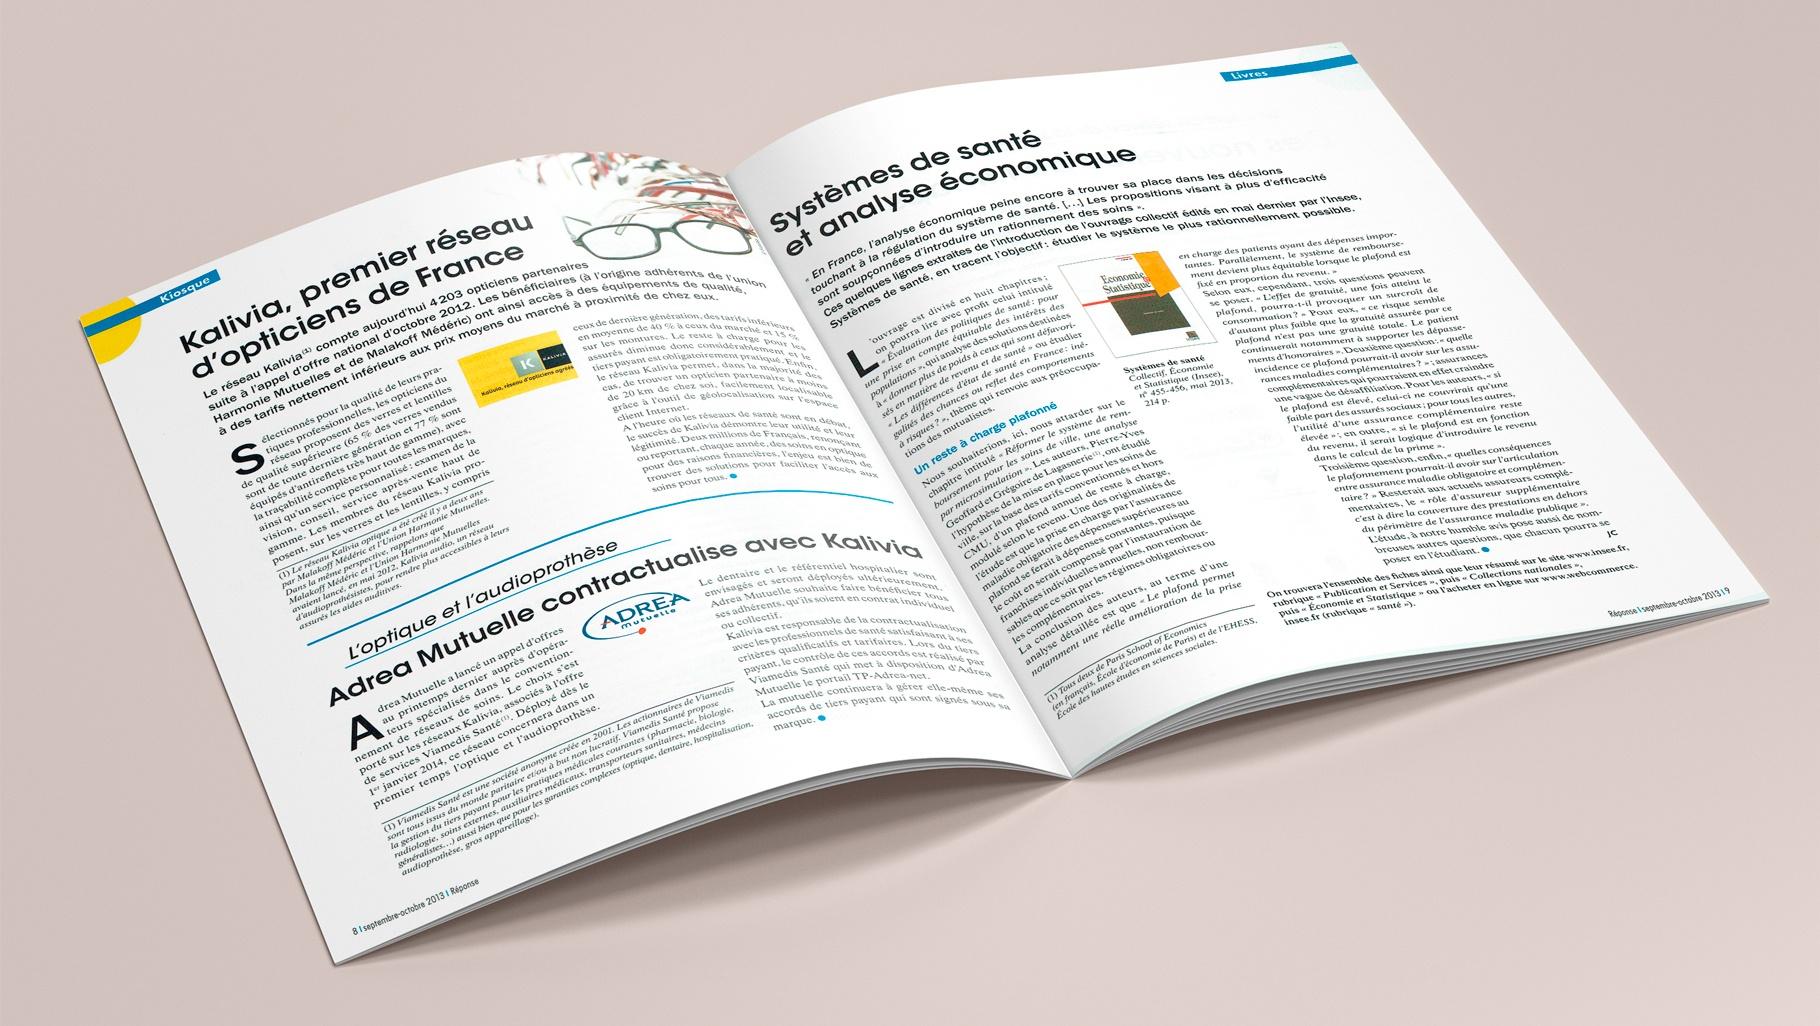 REPONSE Pages Kiosque : Kalivia, premier réseau d'opticiens de France. Articles : Systèmes de santé et analyse économique